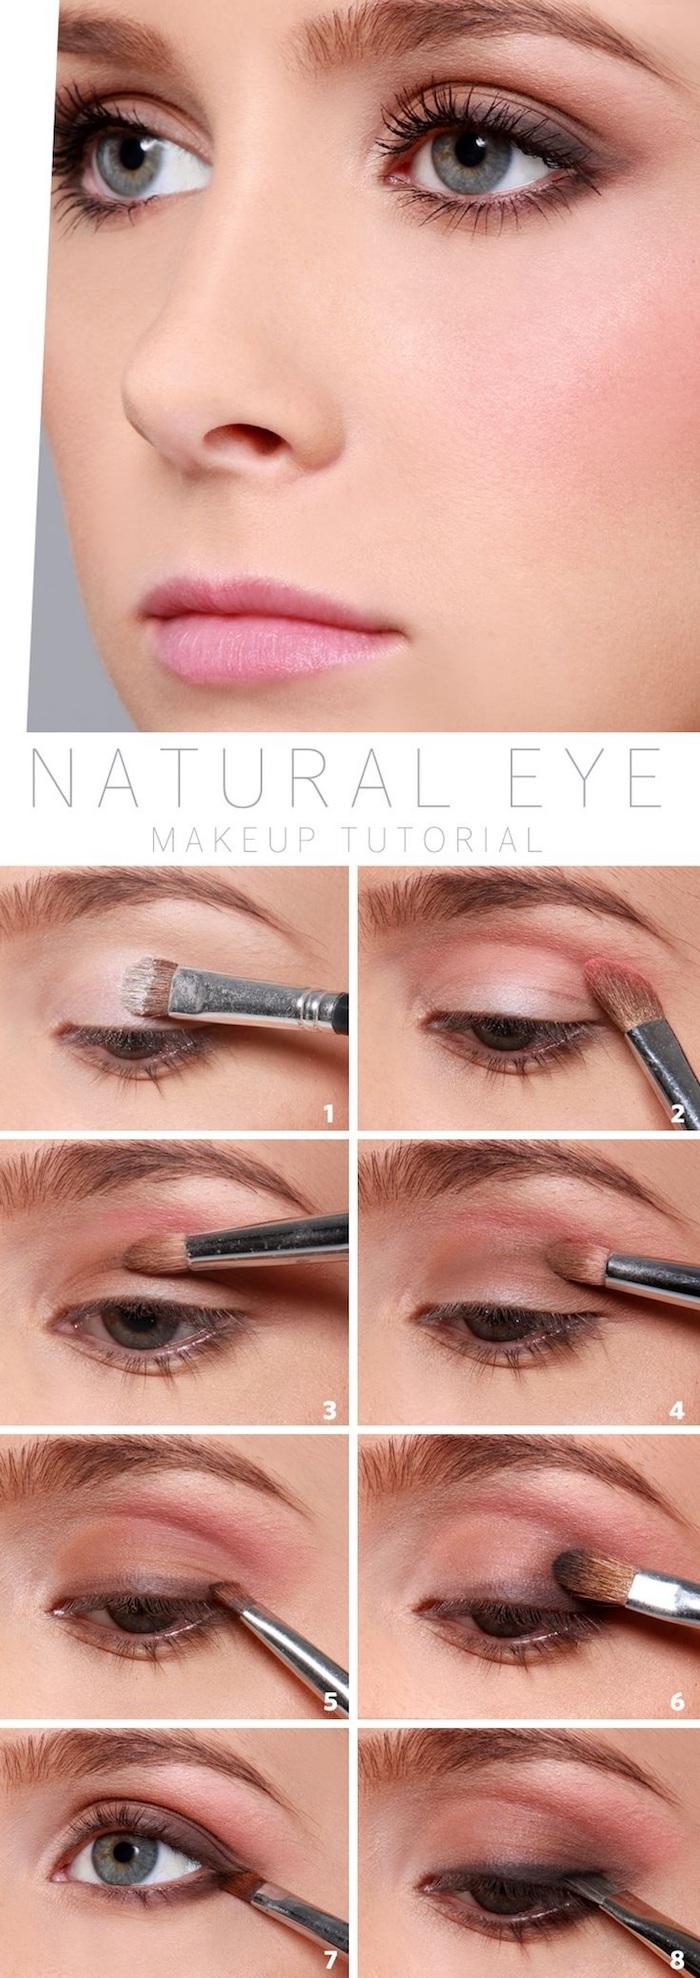 natürliches make up in rosa und braun, rosa lippen, schminken tutorial, schritt für schritt anleitung